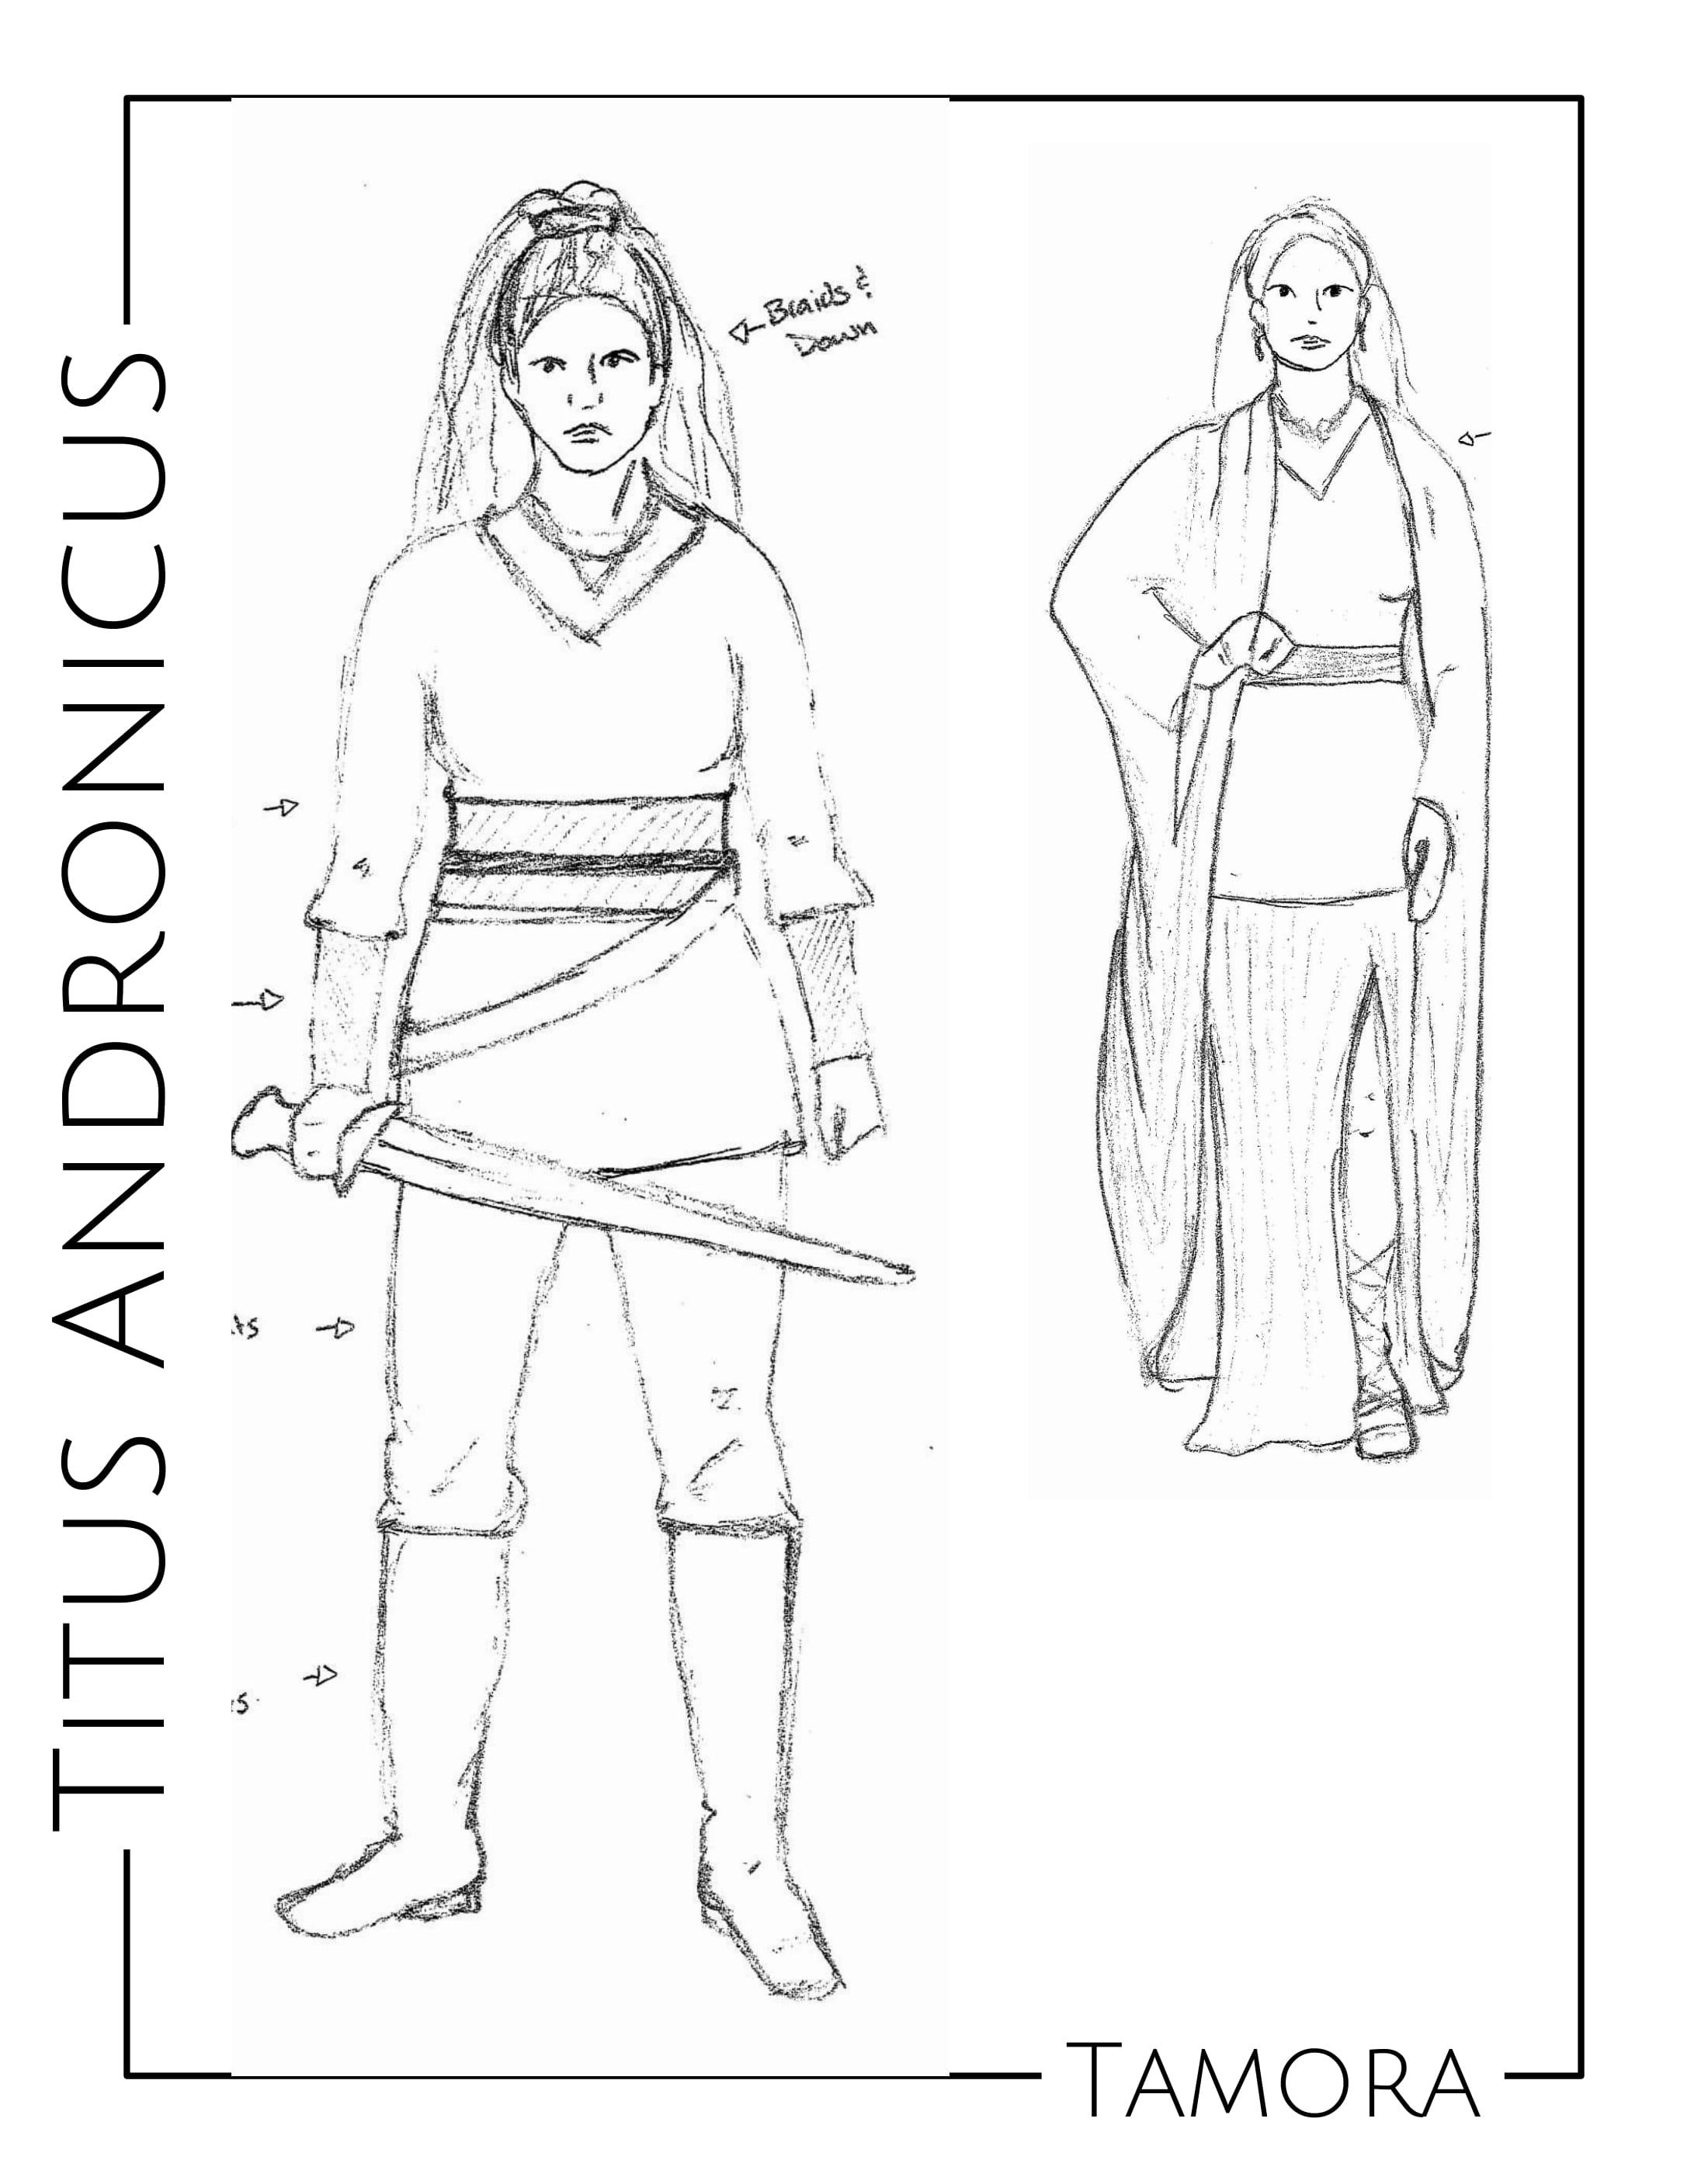 Tamora Sketch